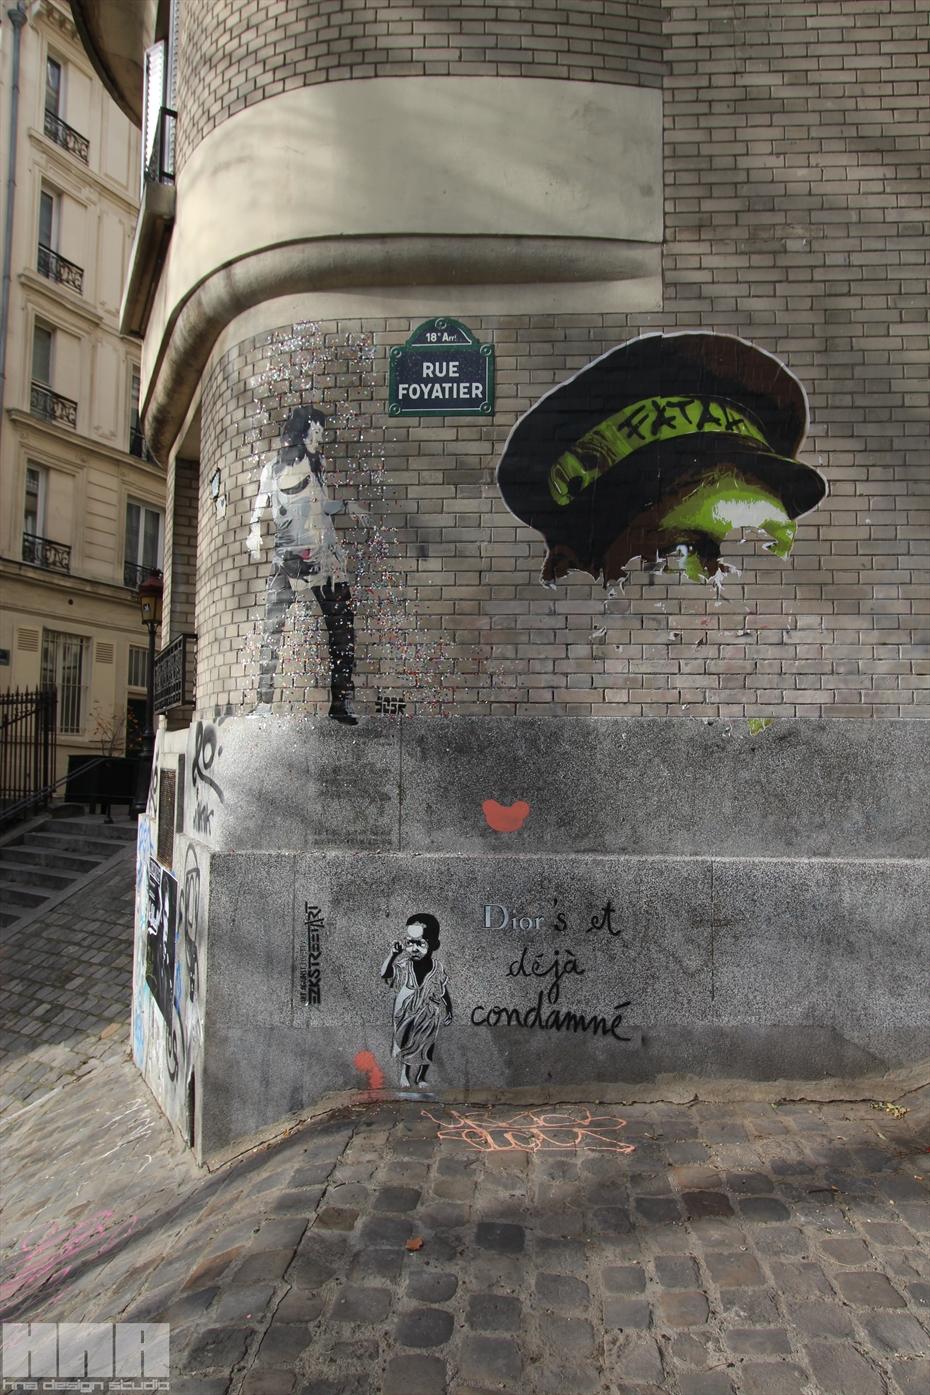 parizs street art 7